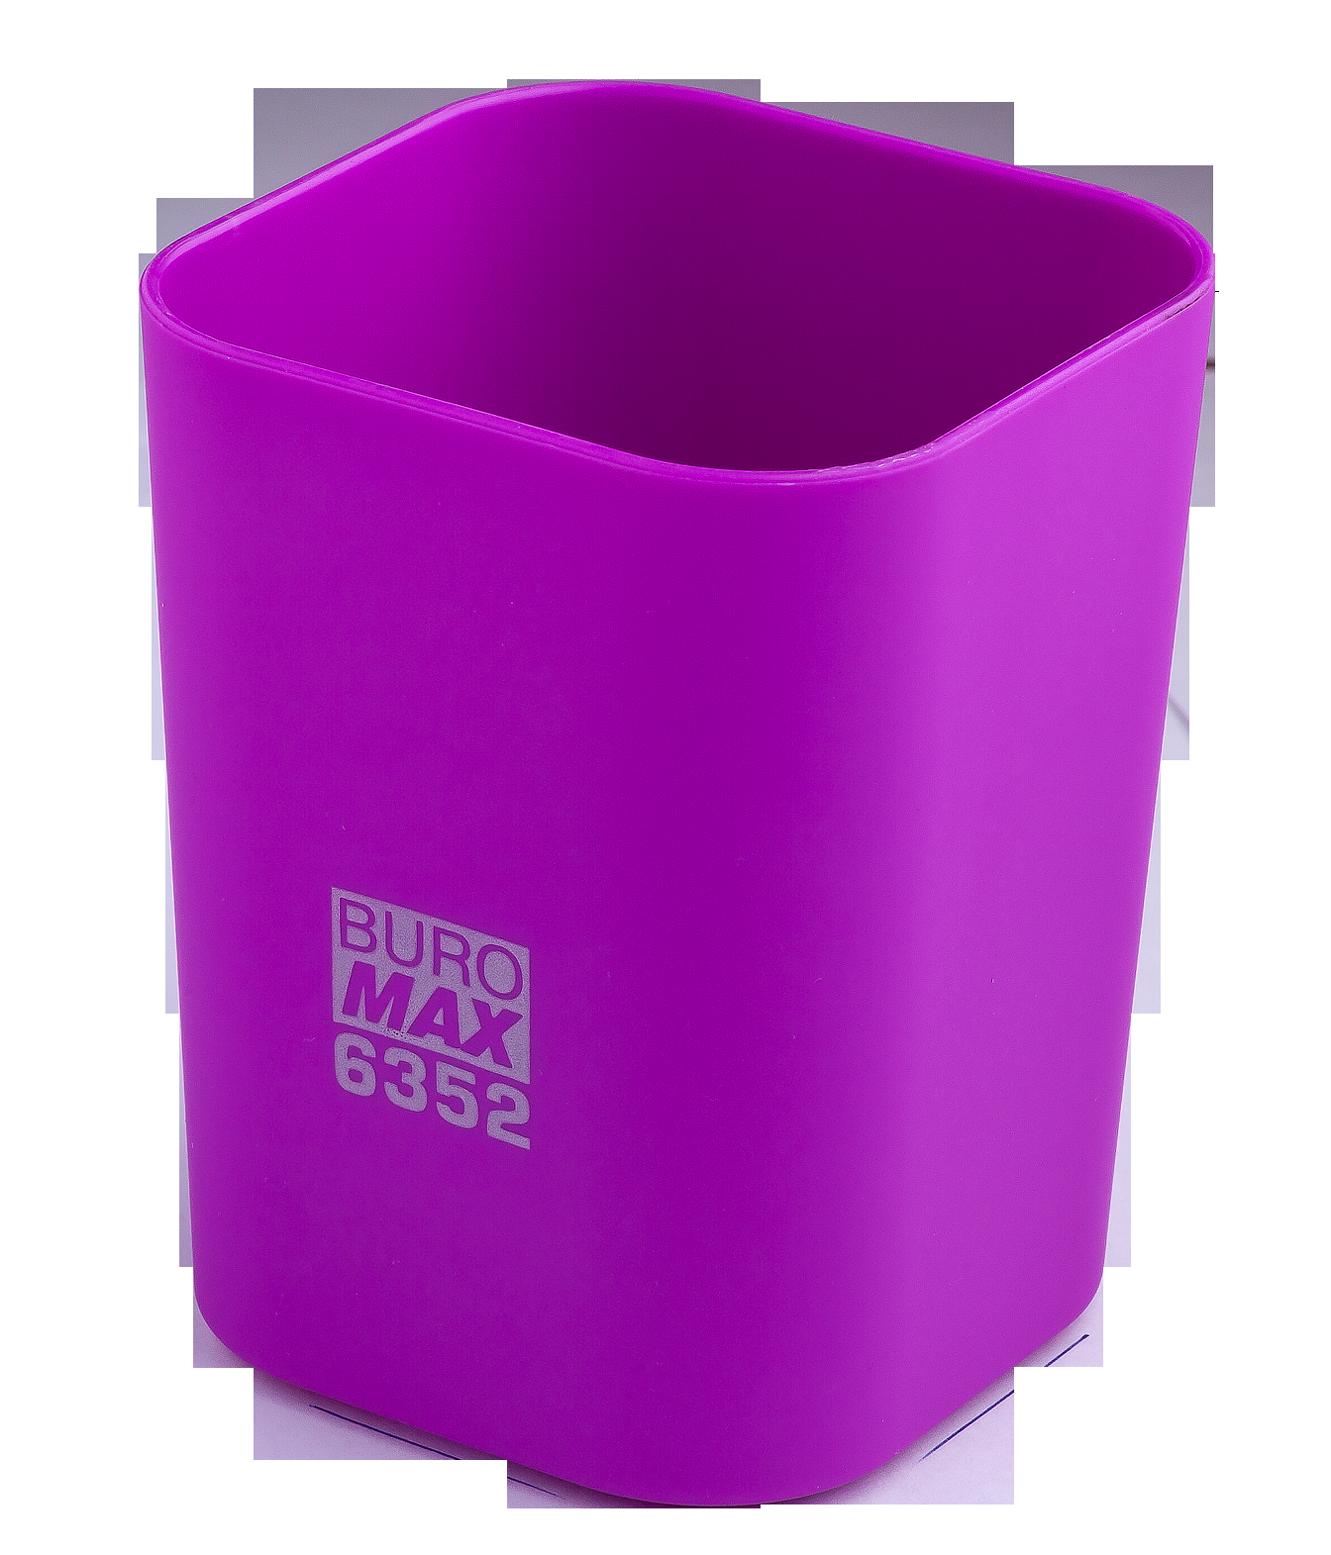 Подставка для ручекпластиковаяквадратная Buromax Ruber Touch, фиолетовая